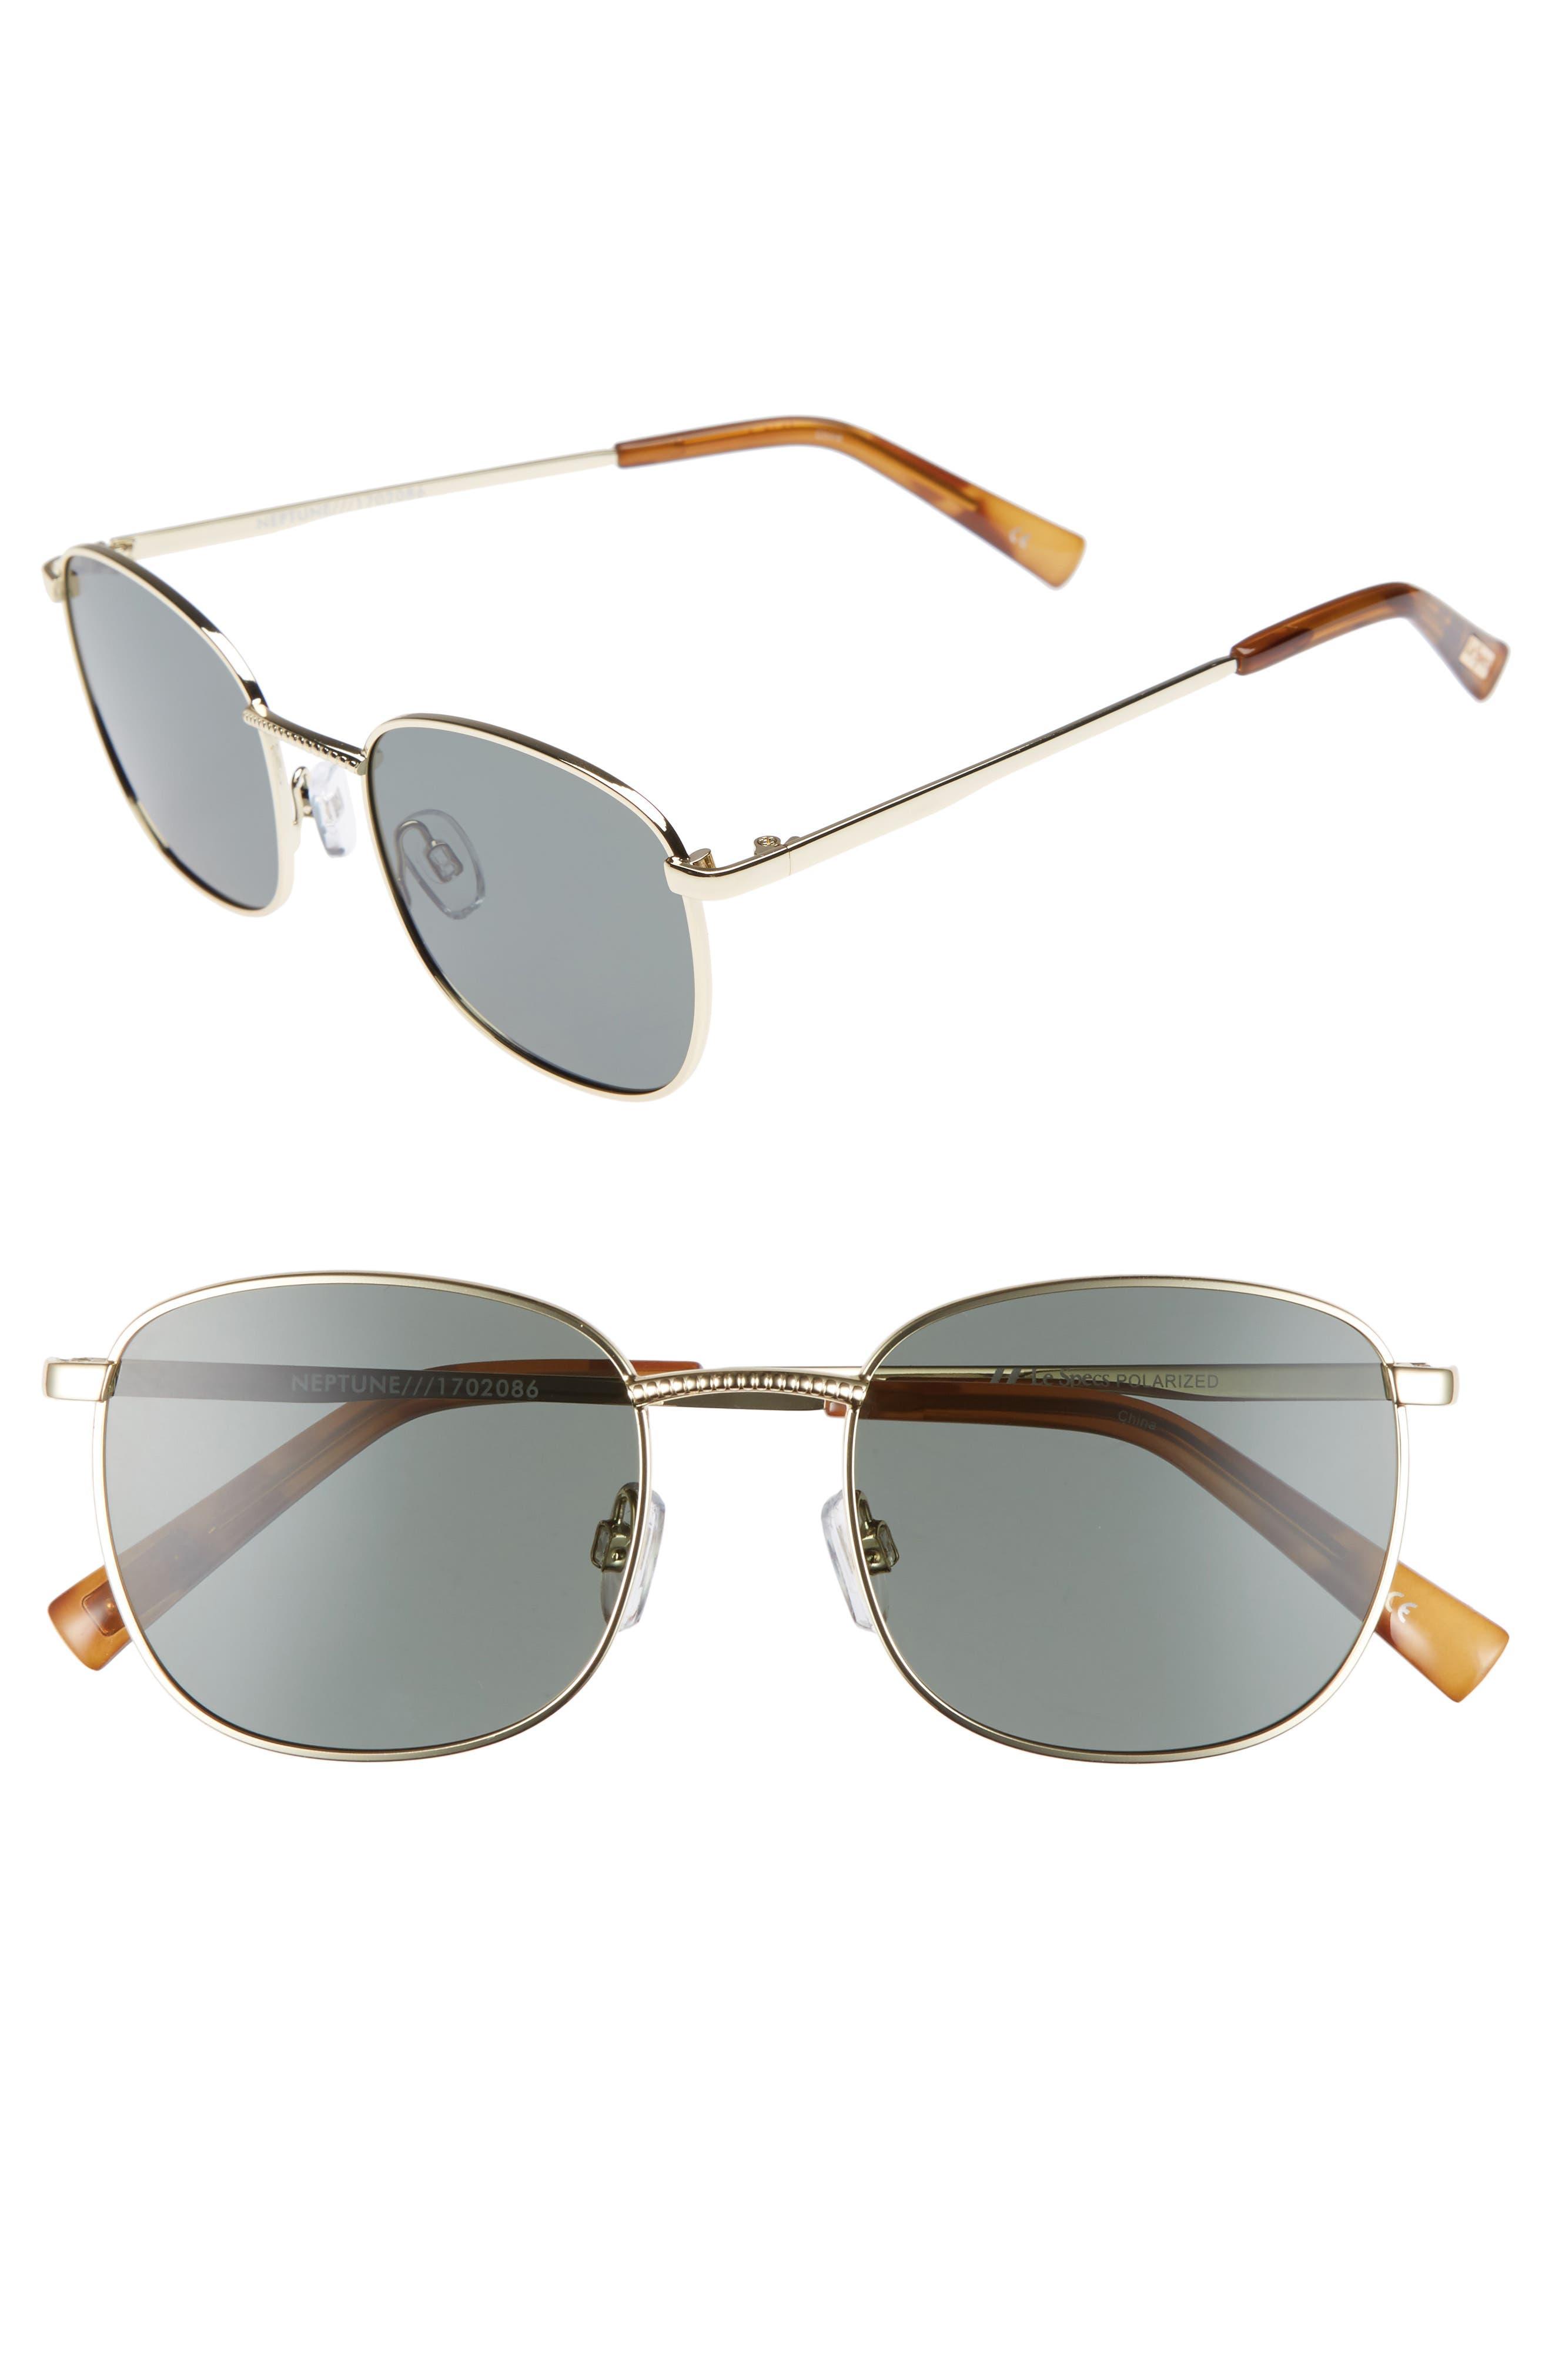 Neptune 49mm Sunglasses,                         Main,                         color, Bright Gold